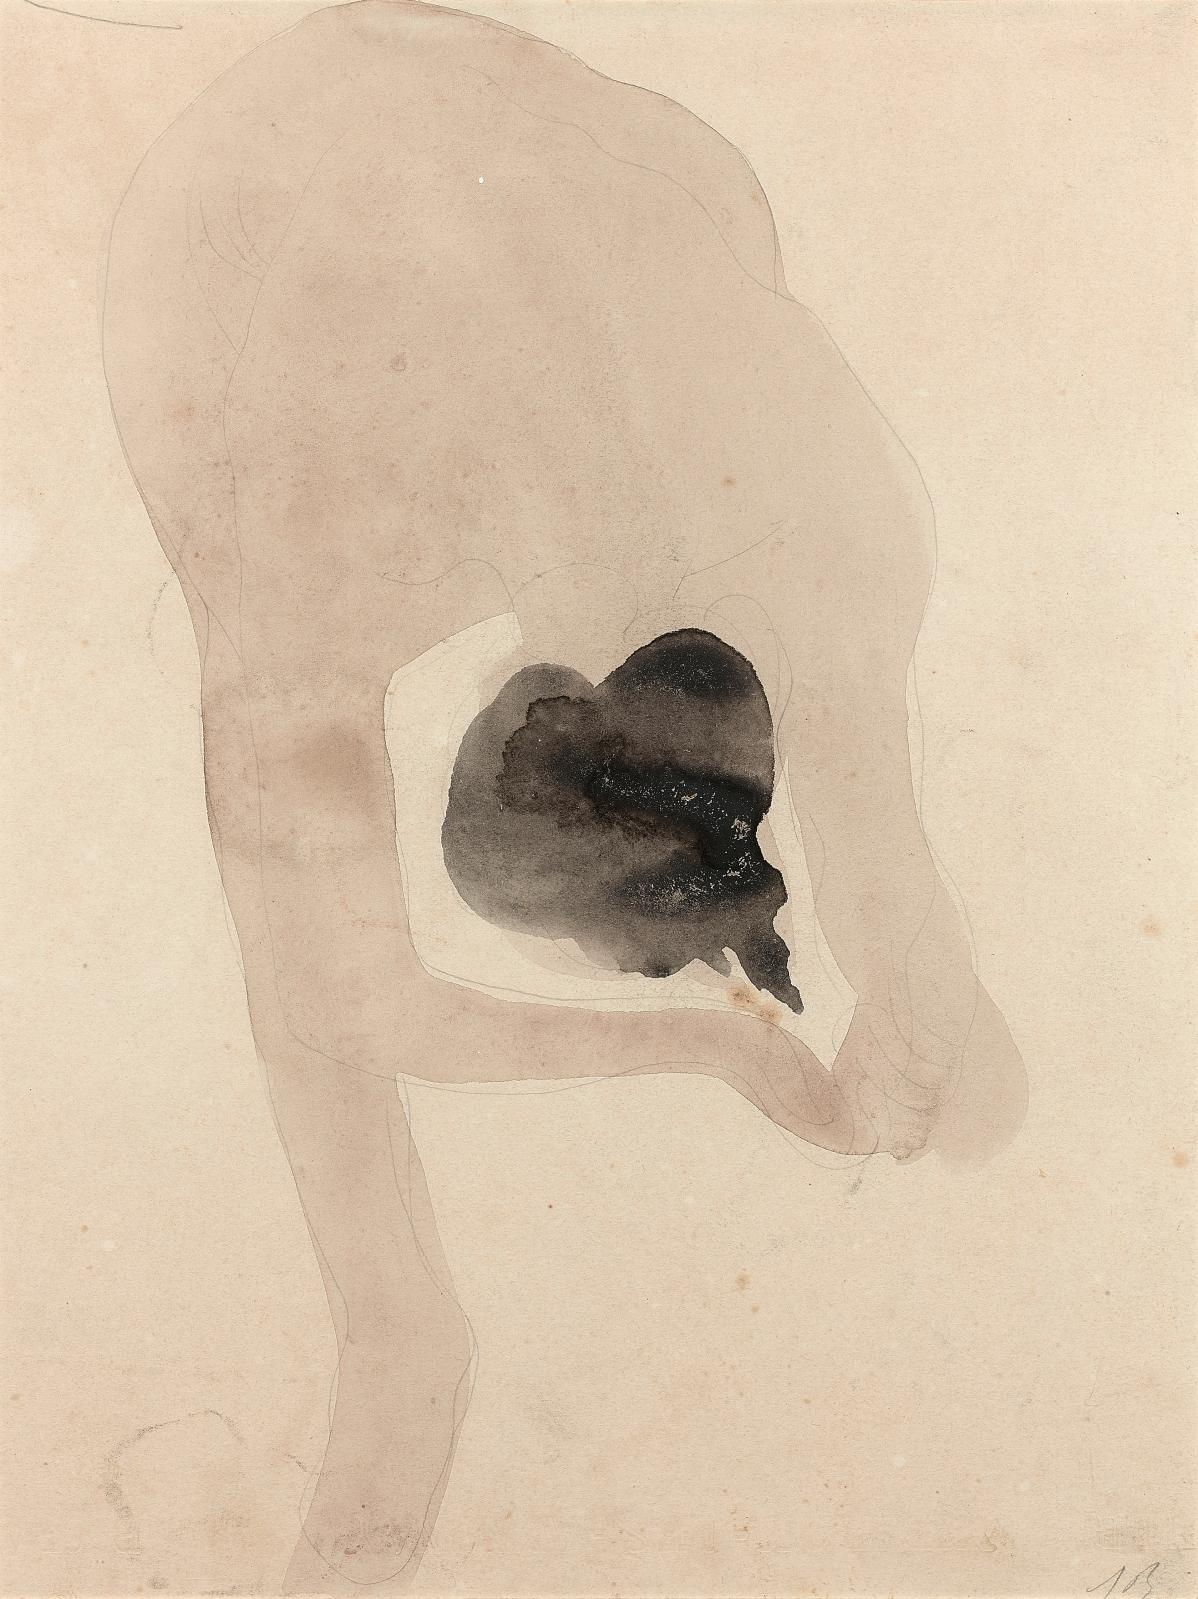 Auguste Rodin (1840-1917), Femme nue penchée en avant, vers 1896-1898, aquarelle et graphite, 32x24,5cm. Estimation: 6000/10000€